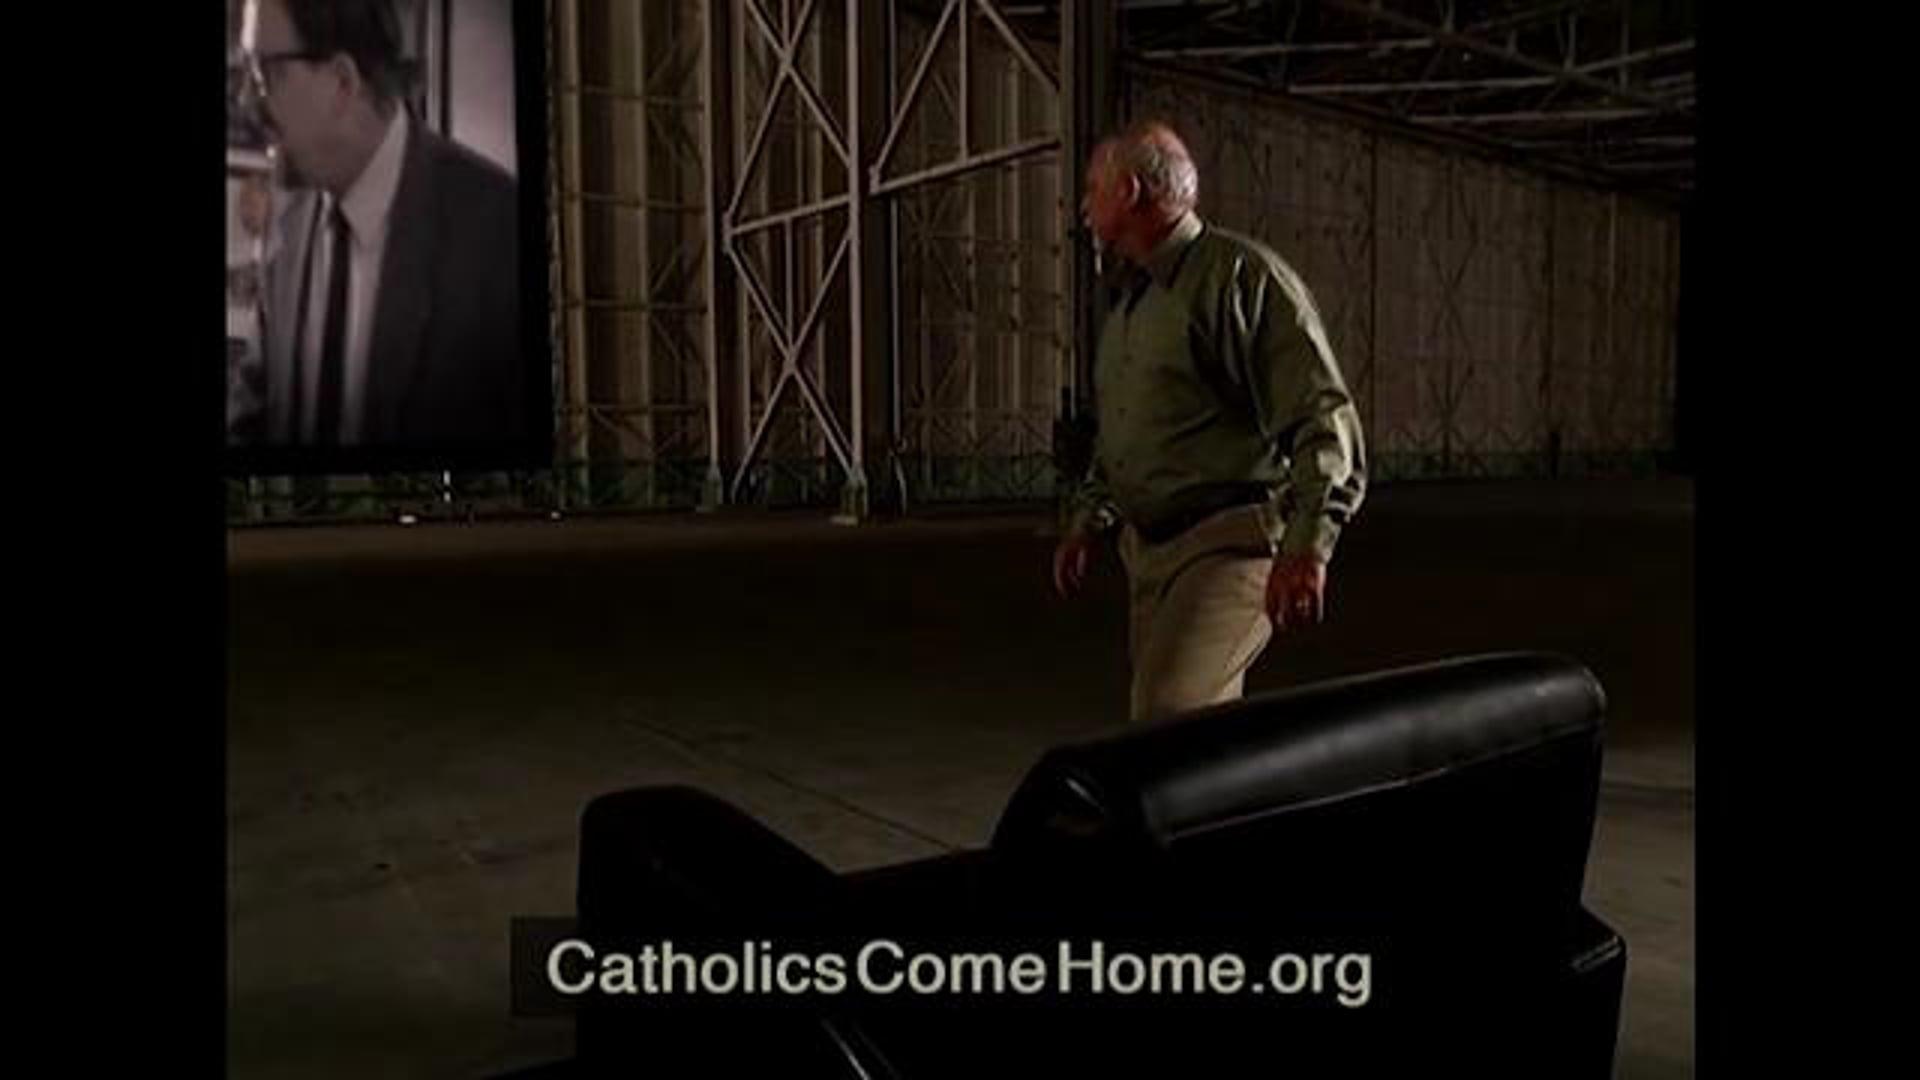 Tom Peterson – Catholics Come Home